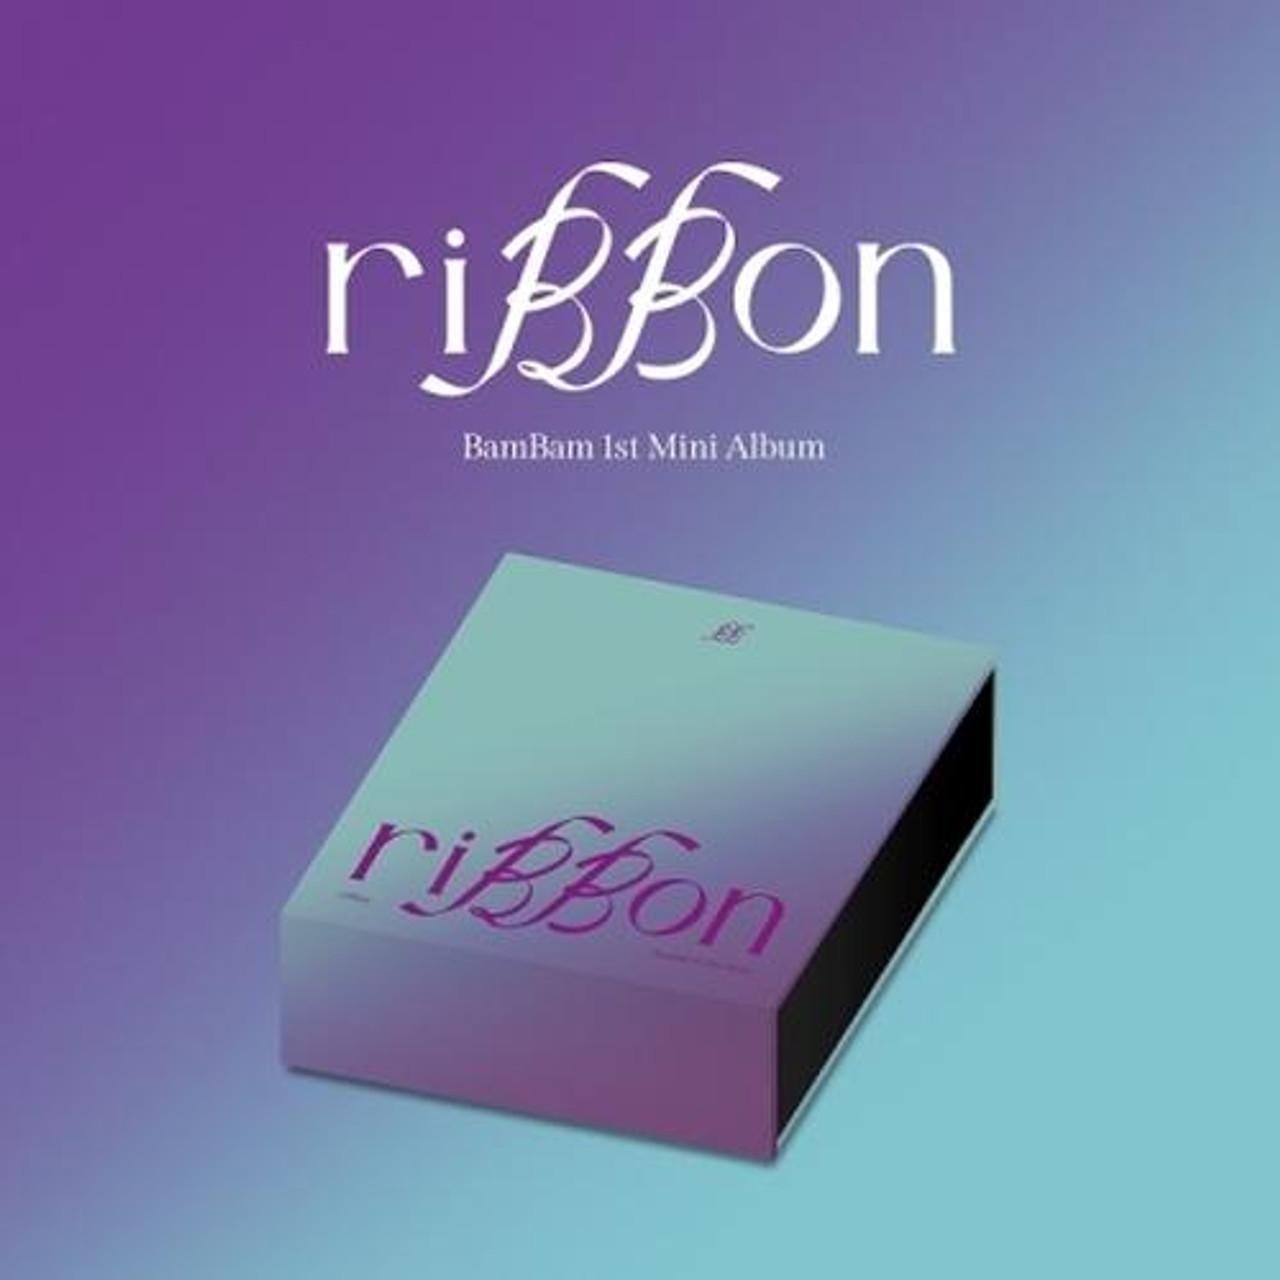 BAMBAM - 1st Mini [riBBon] riBBon Ver.